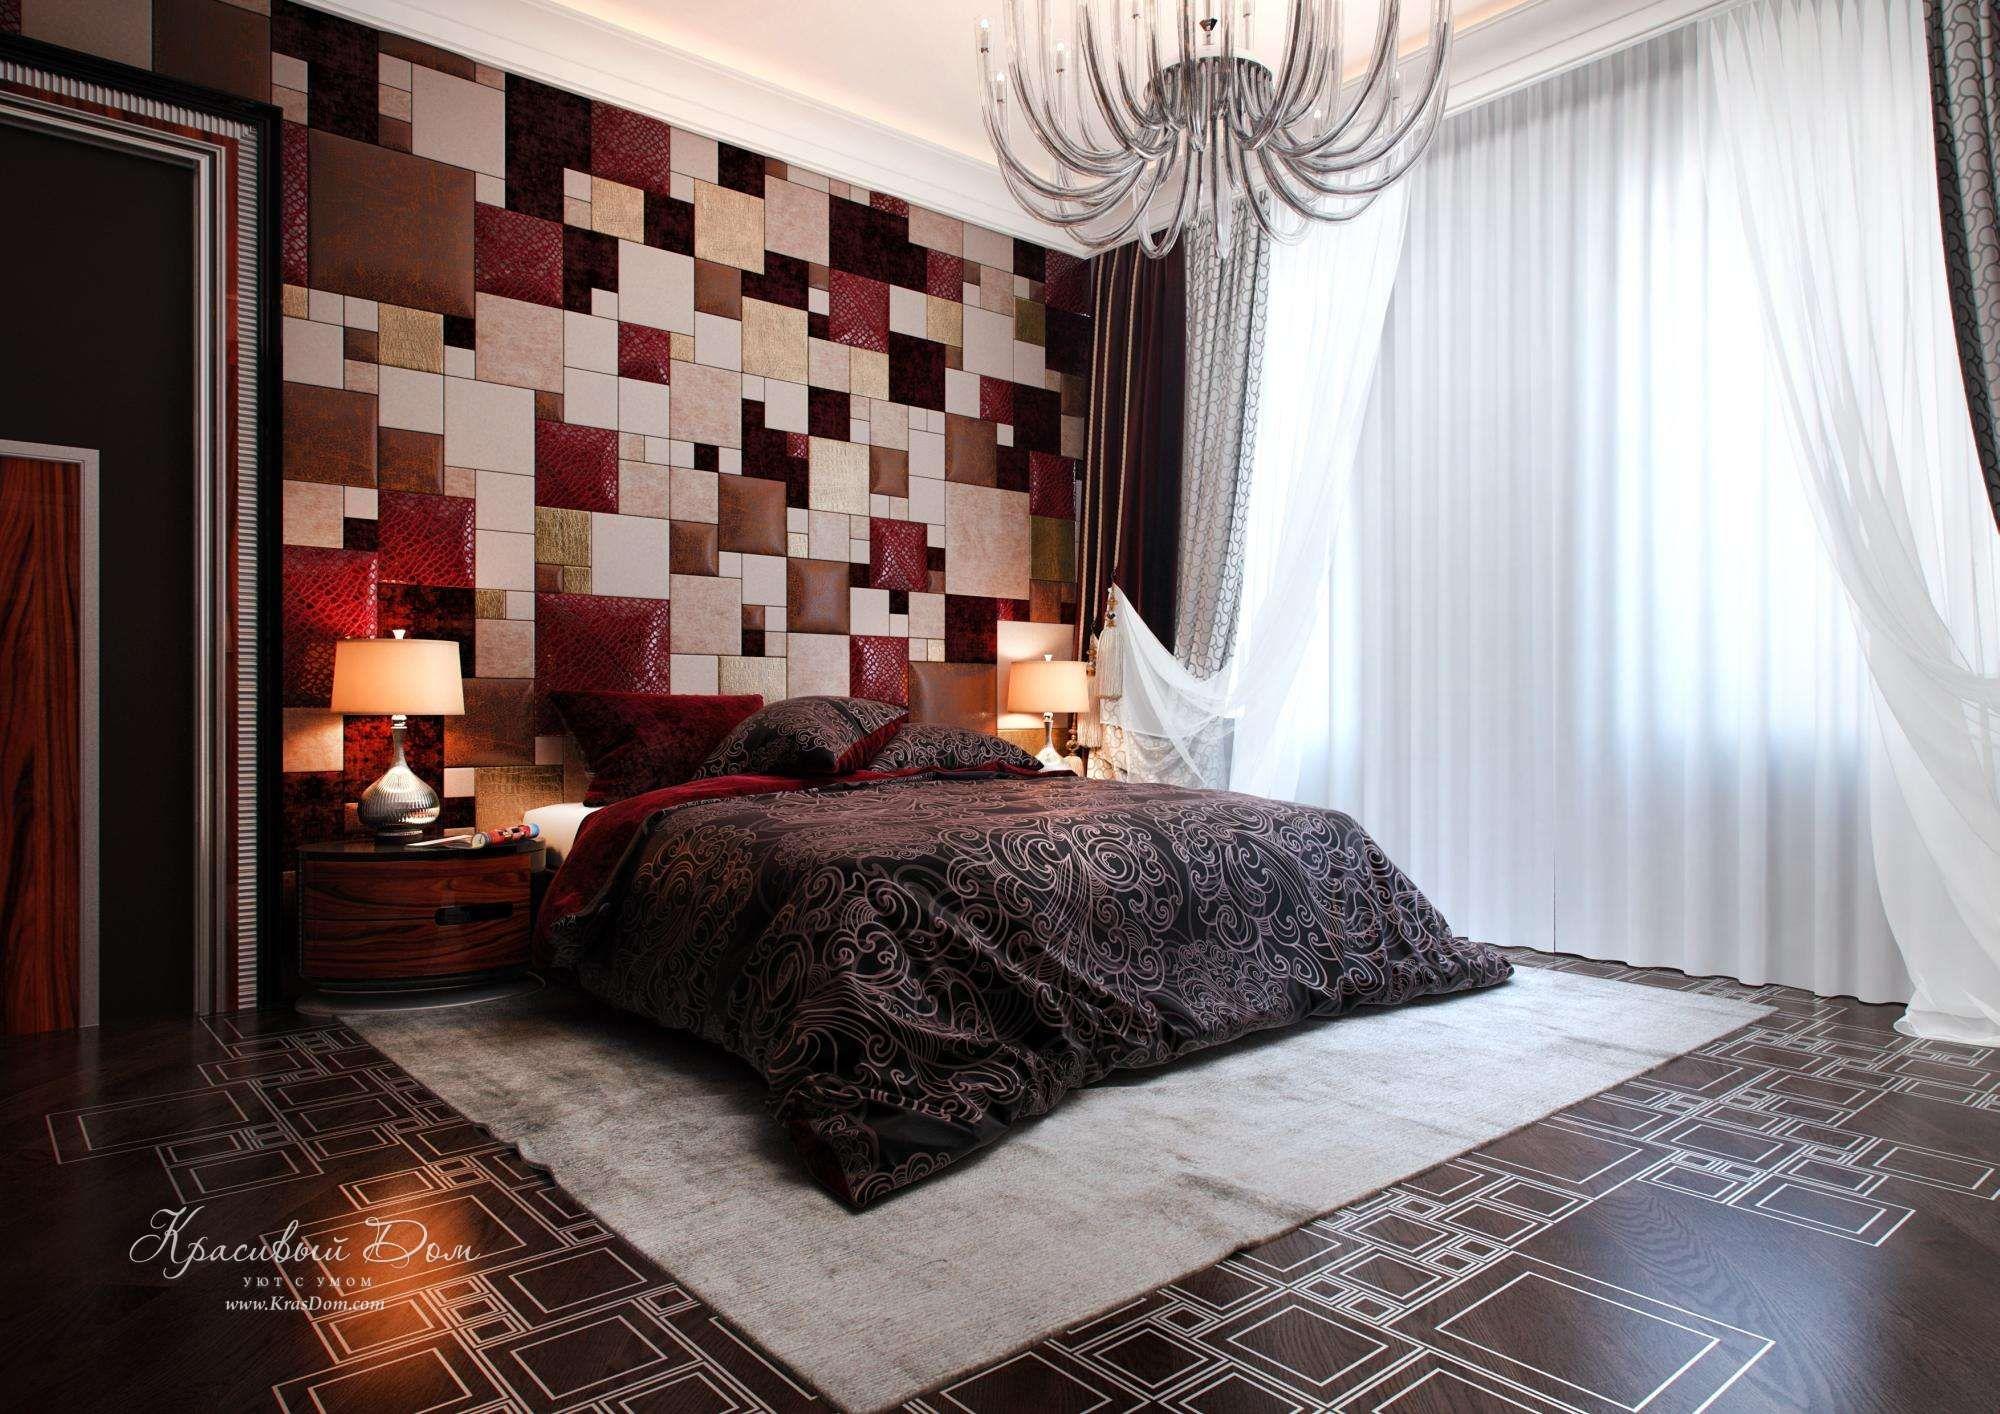 Эксклюзивная мебель в интерьере квартиры площадью 125 кв.м